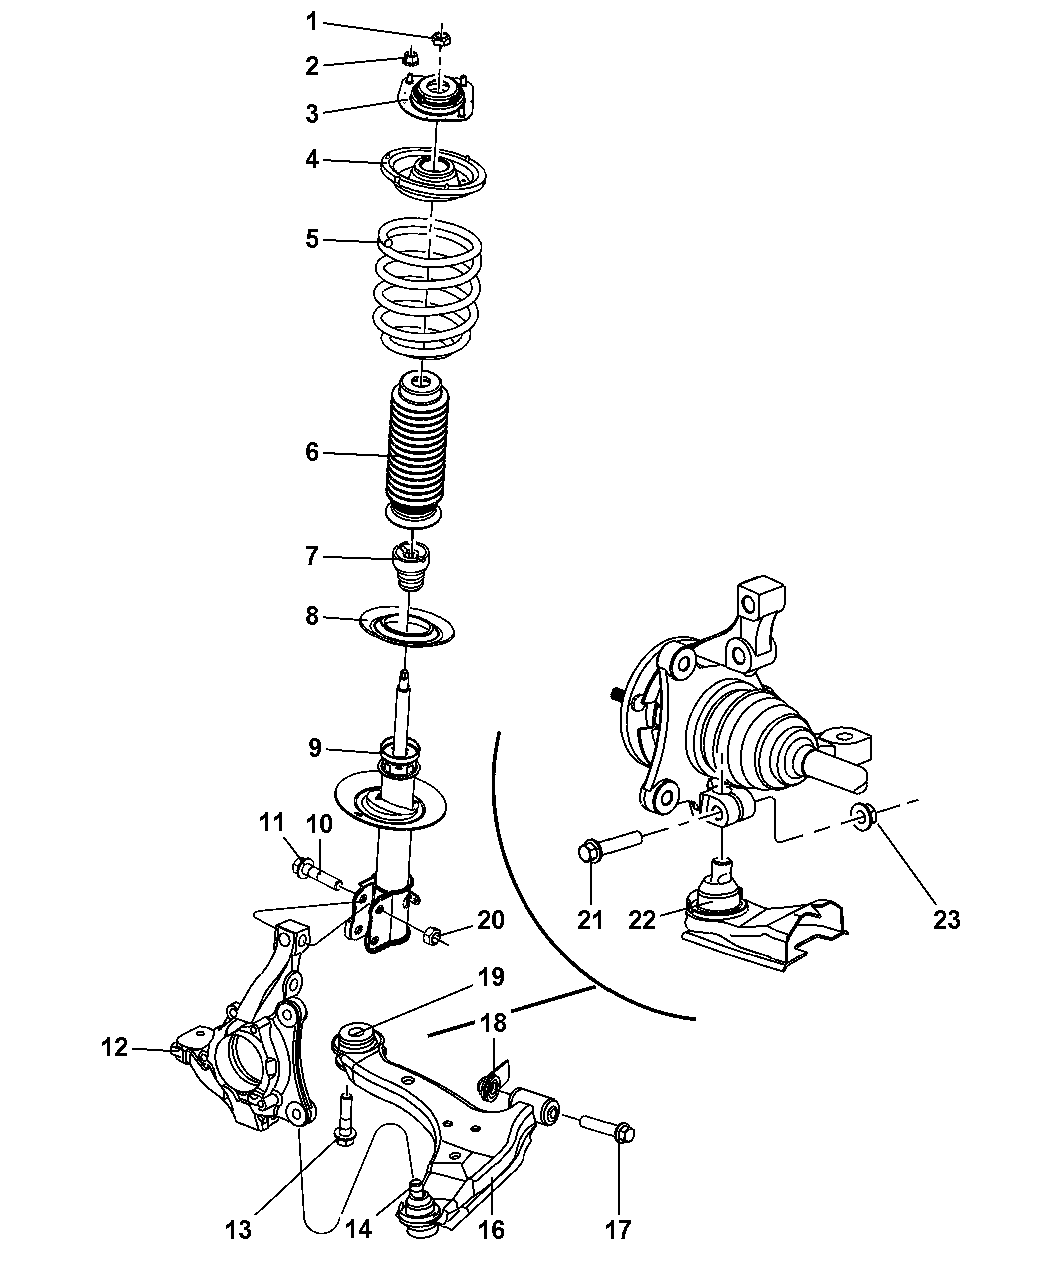 pt cruiser front suspension diagram